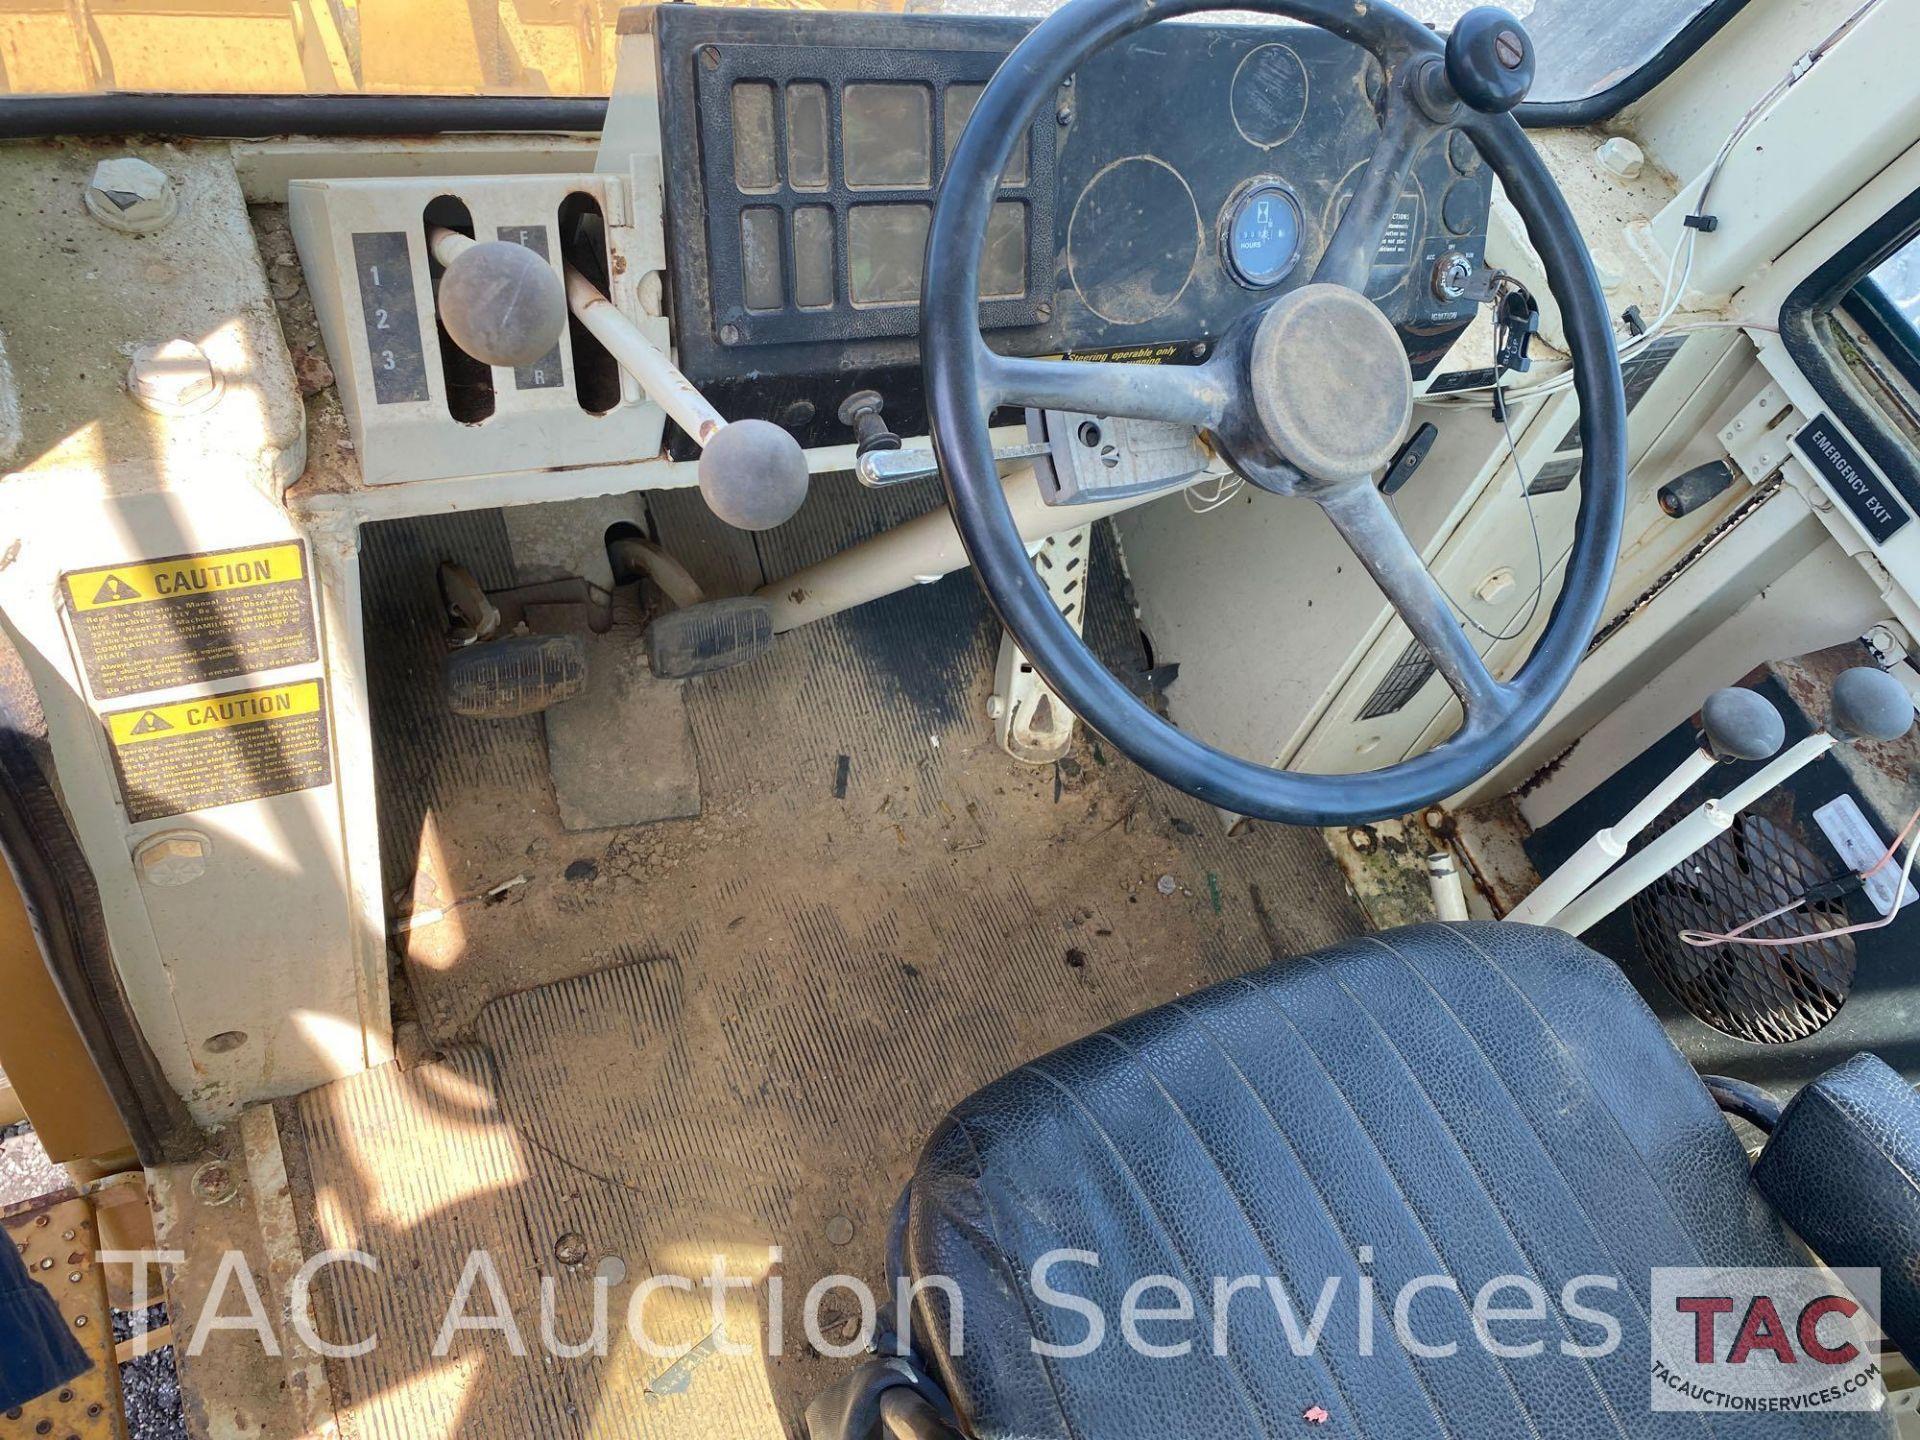 International Harvester 510B Loader - Image 19 of 31